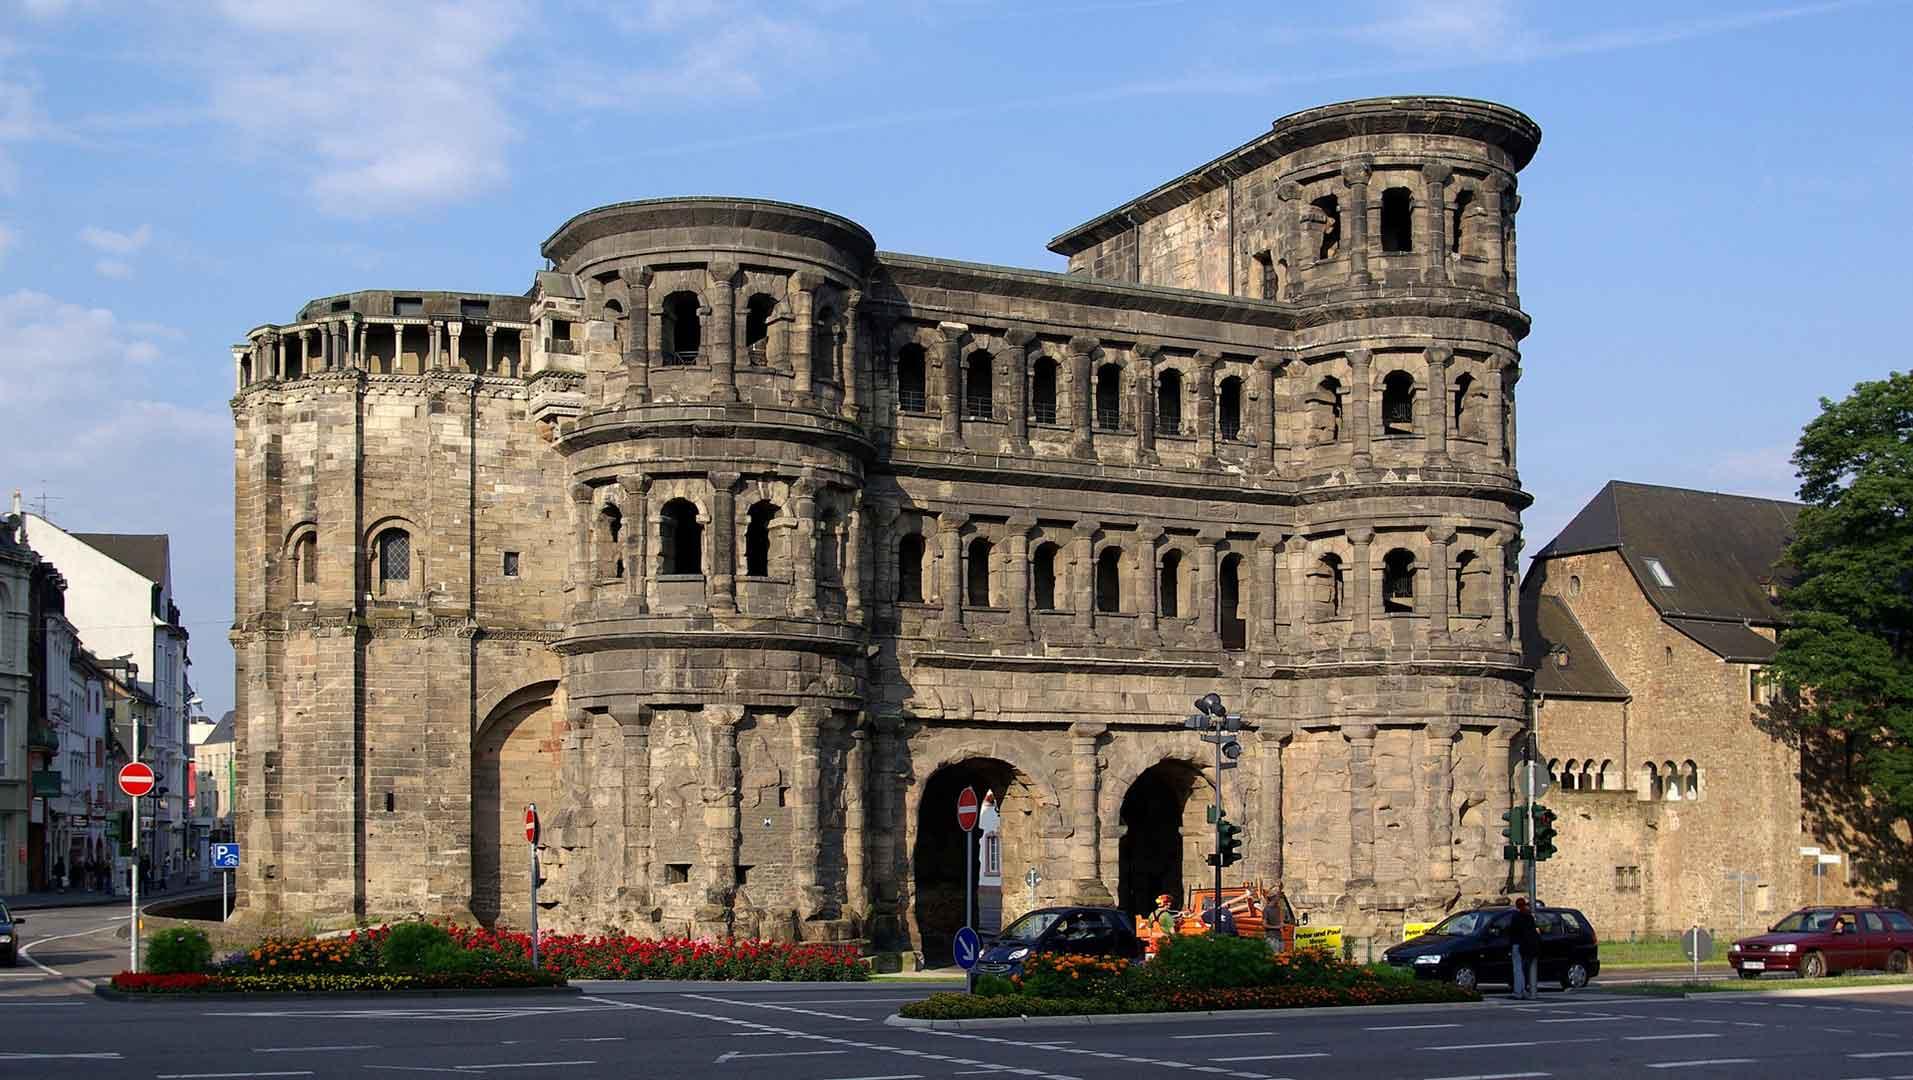 Romeins erfgoed: de Porta Nigra in Trier aan de Moezel.